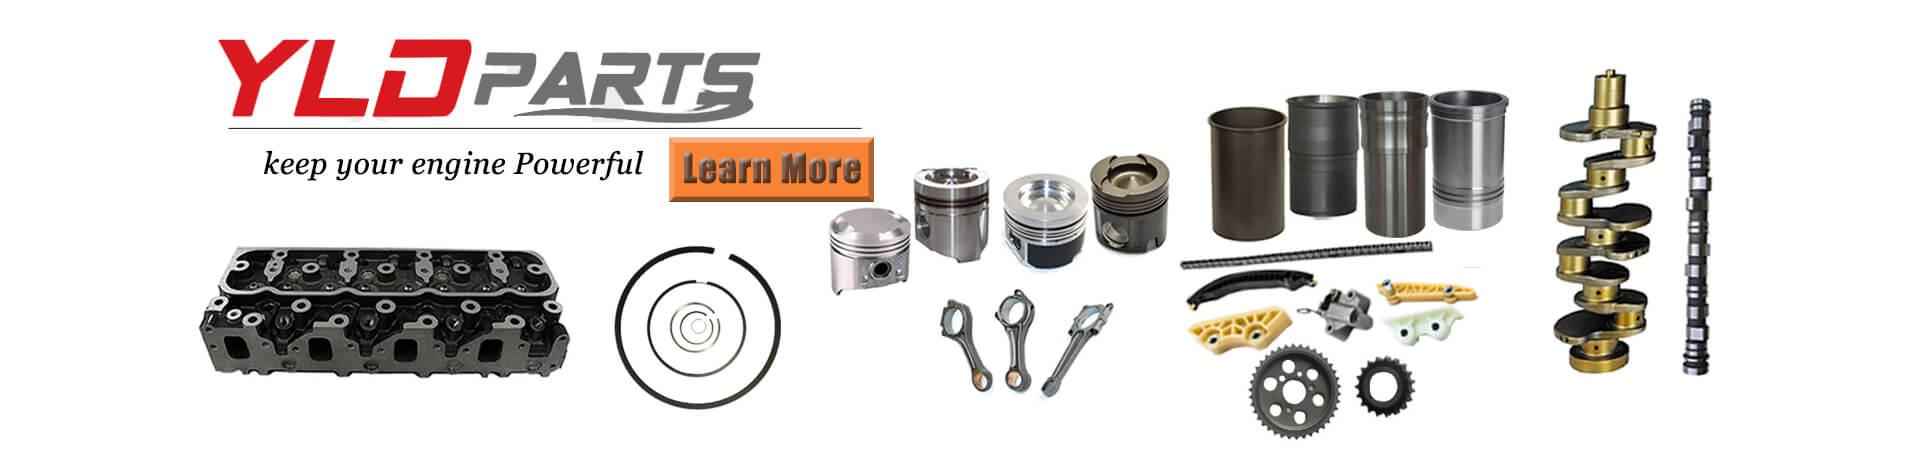 engine parts-YLD PARTS